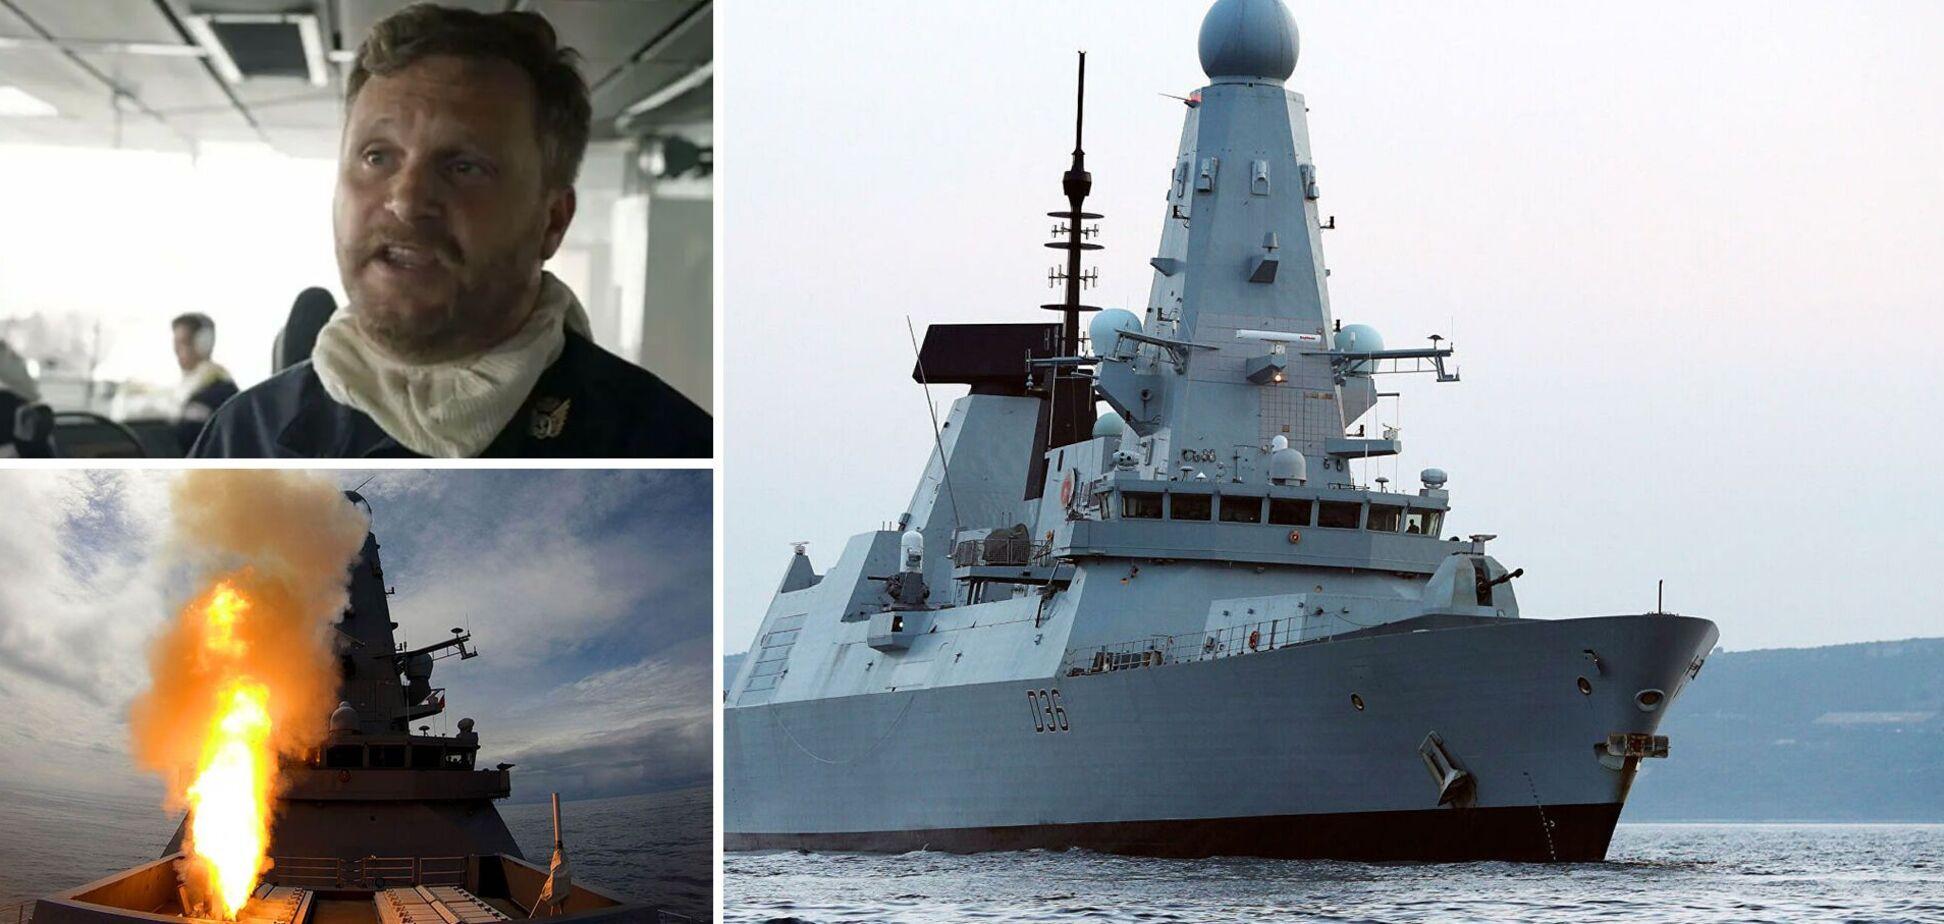 Капітан Defender про інцидент в Чорному морі: підозрюю, що вогонь вівся одним з кораблів берегової охорони